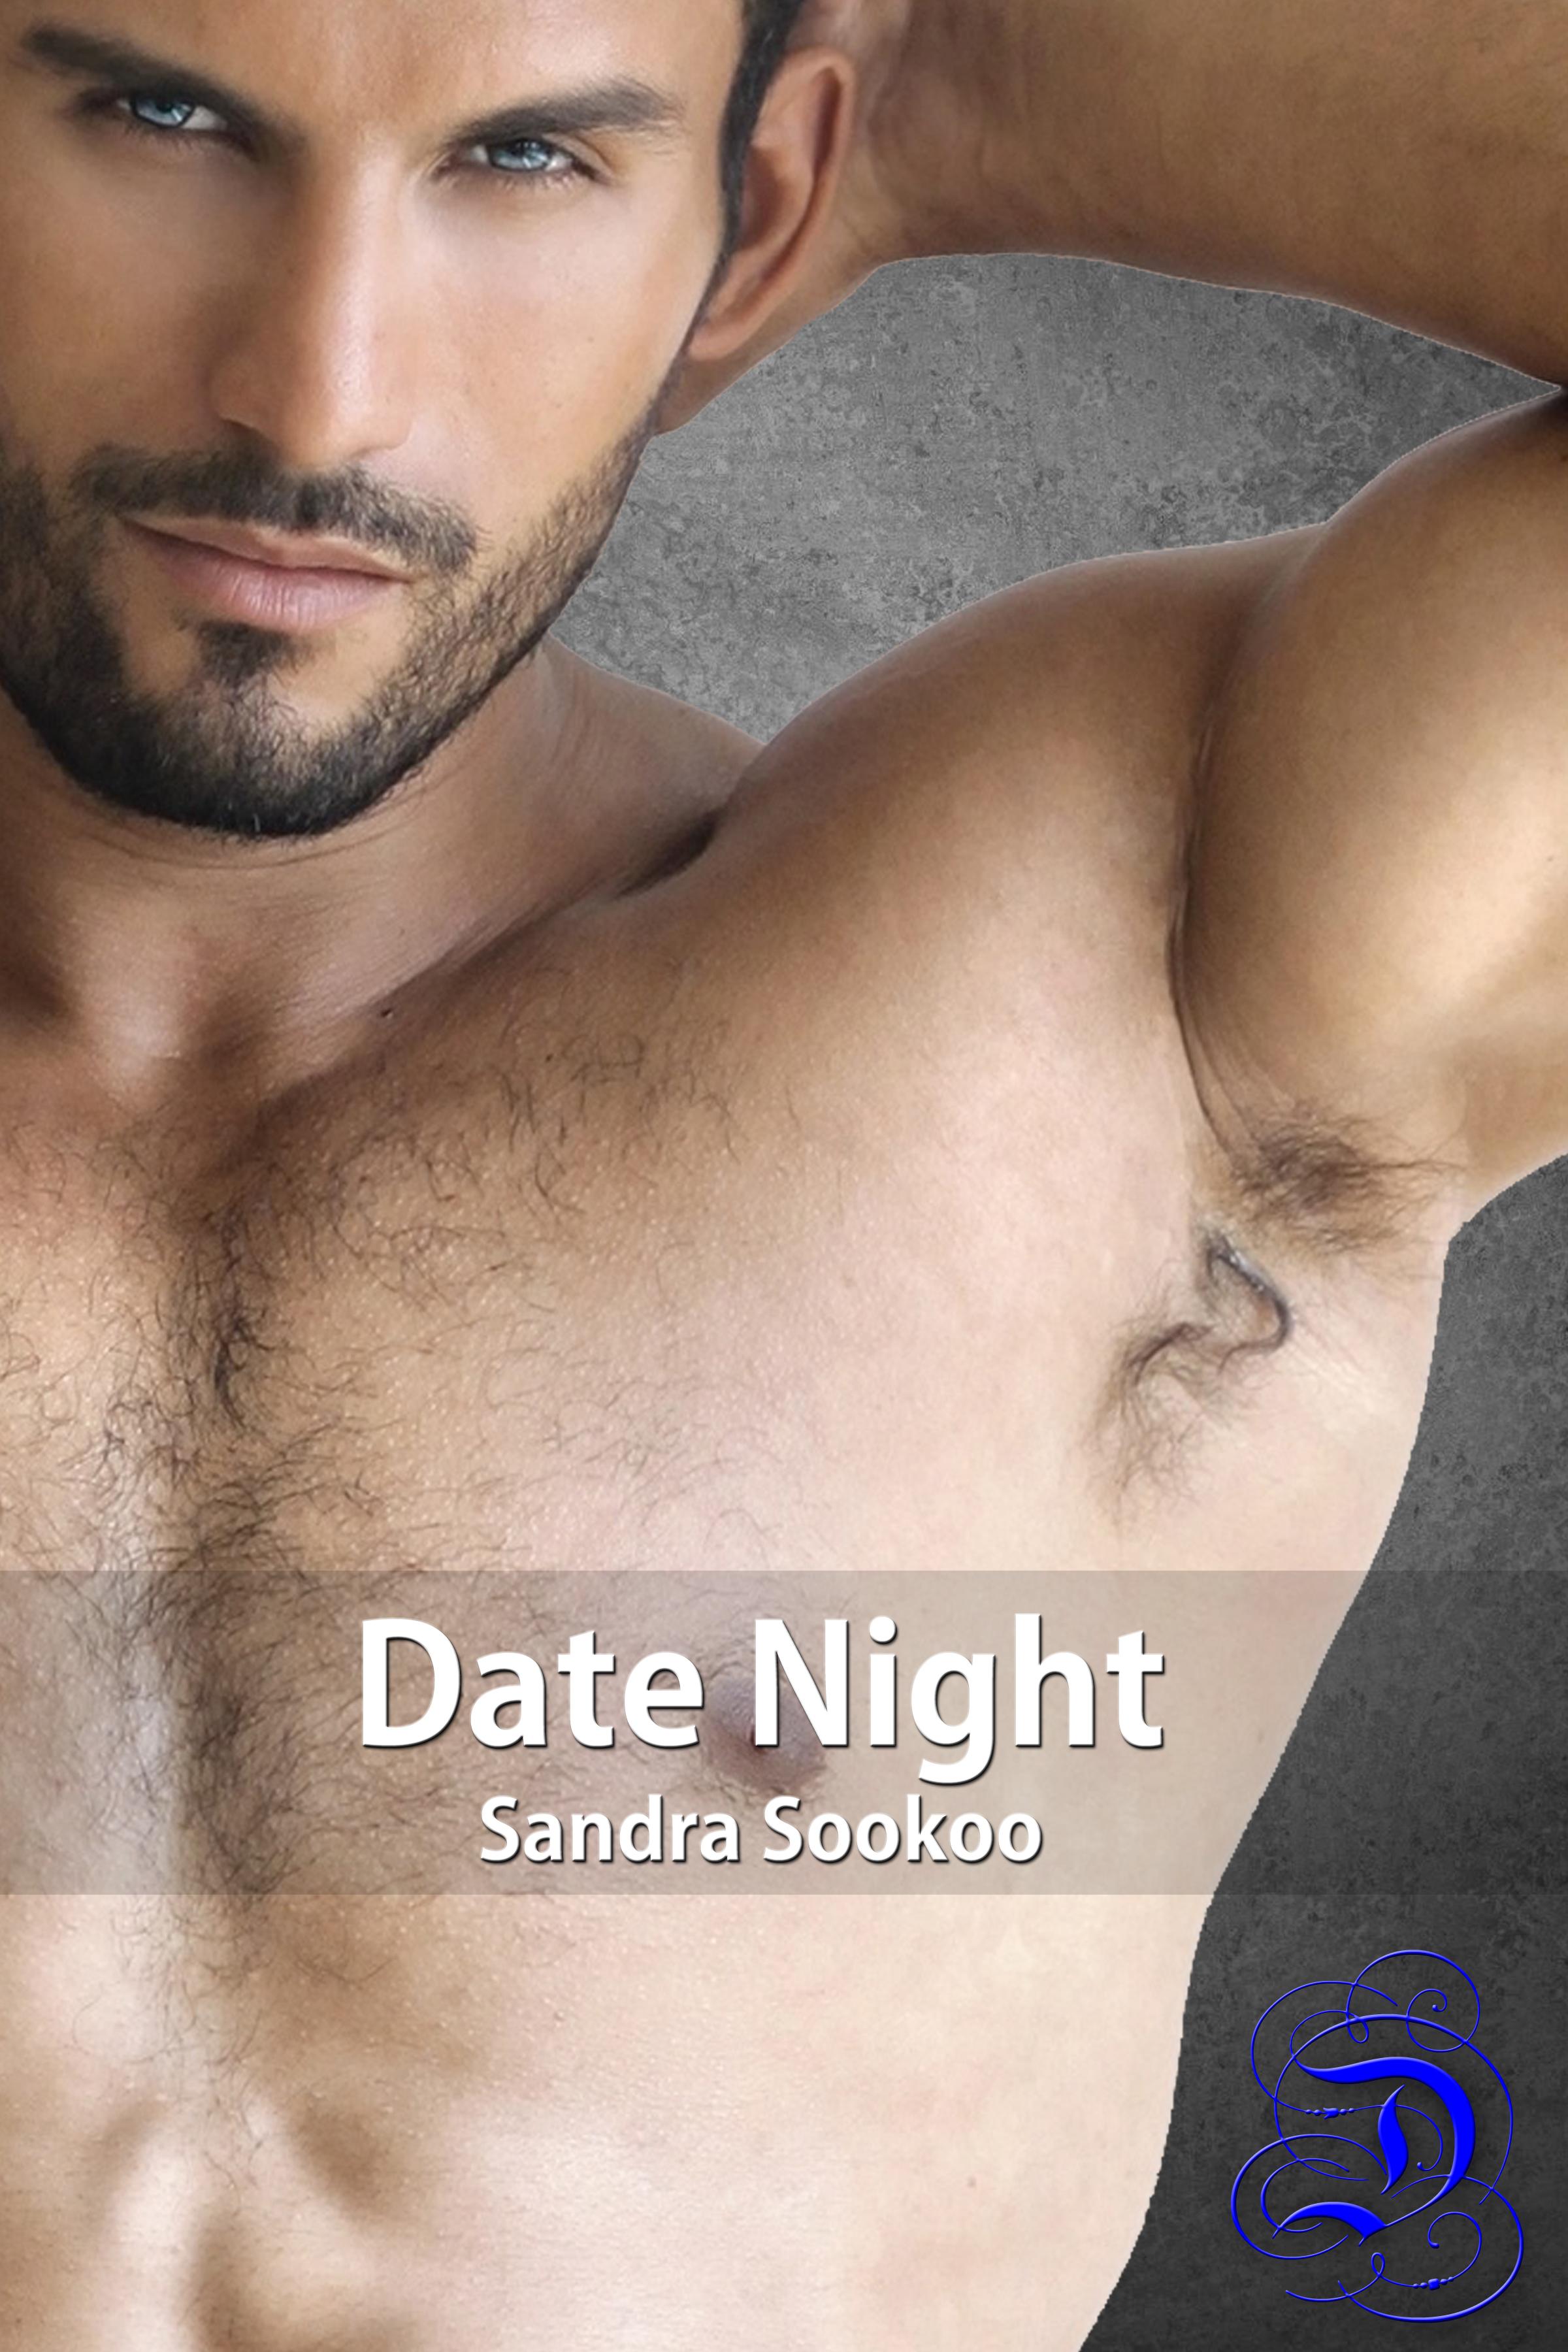 Sandra Sookoo - Date Night